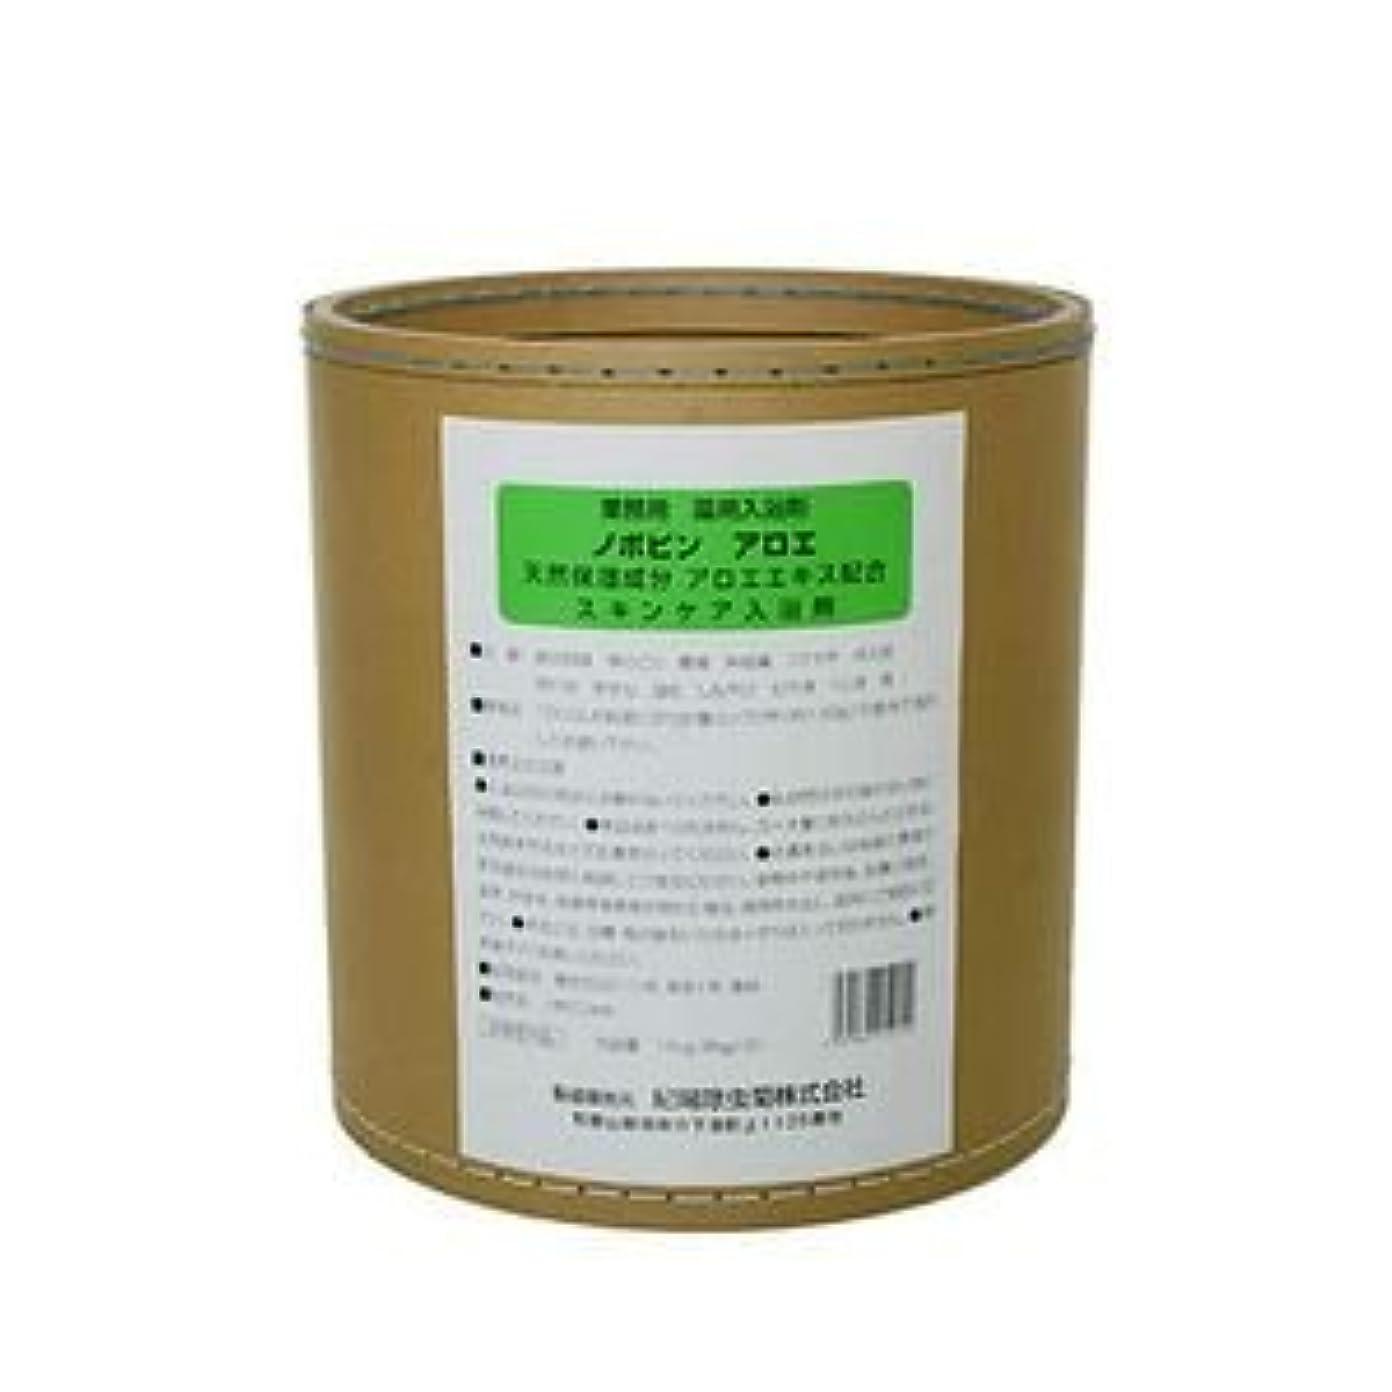 貪欲モットーウガンダ業務用 バス 入浴剤 ノボピン アロエ 16kg(8kg+2)